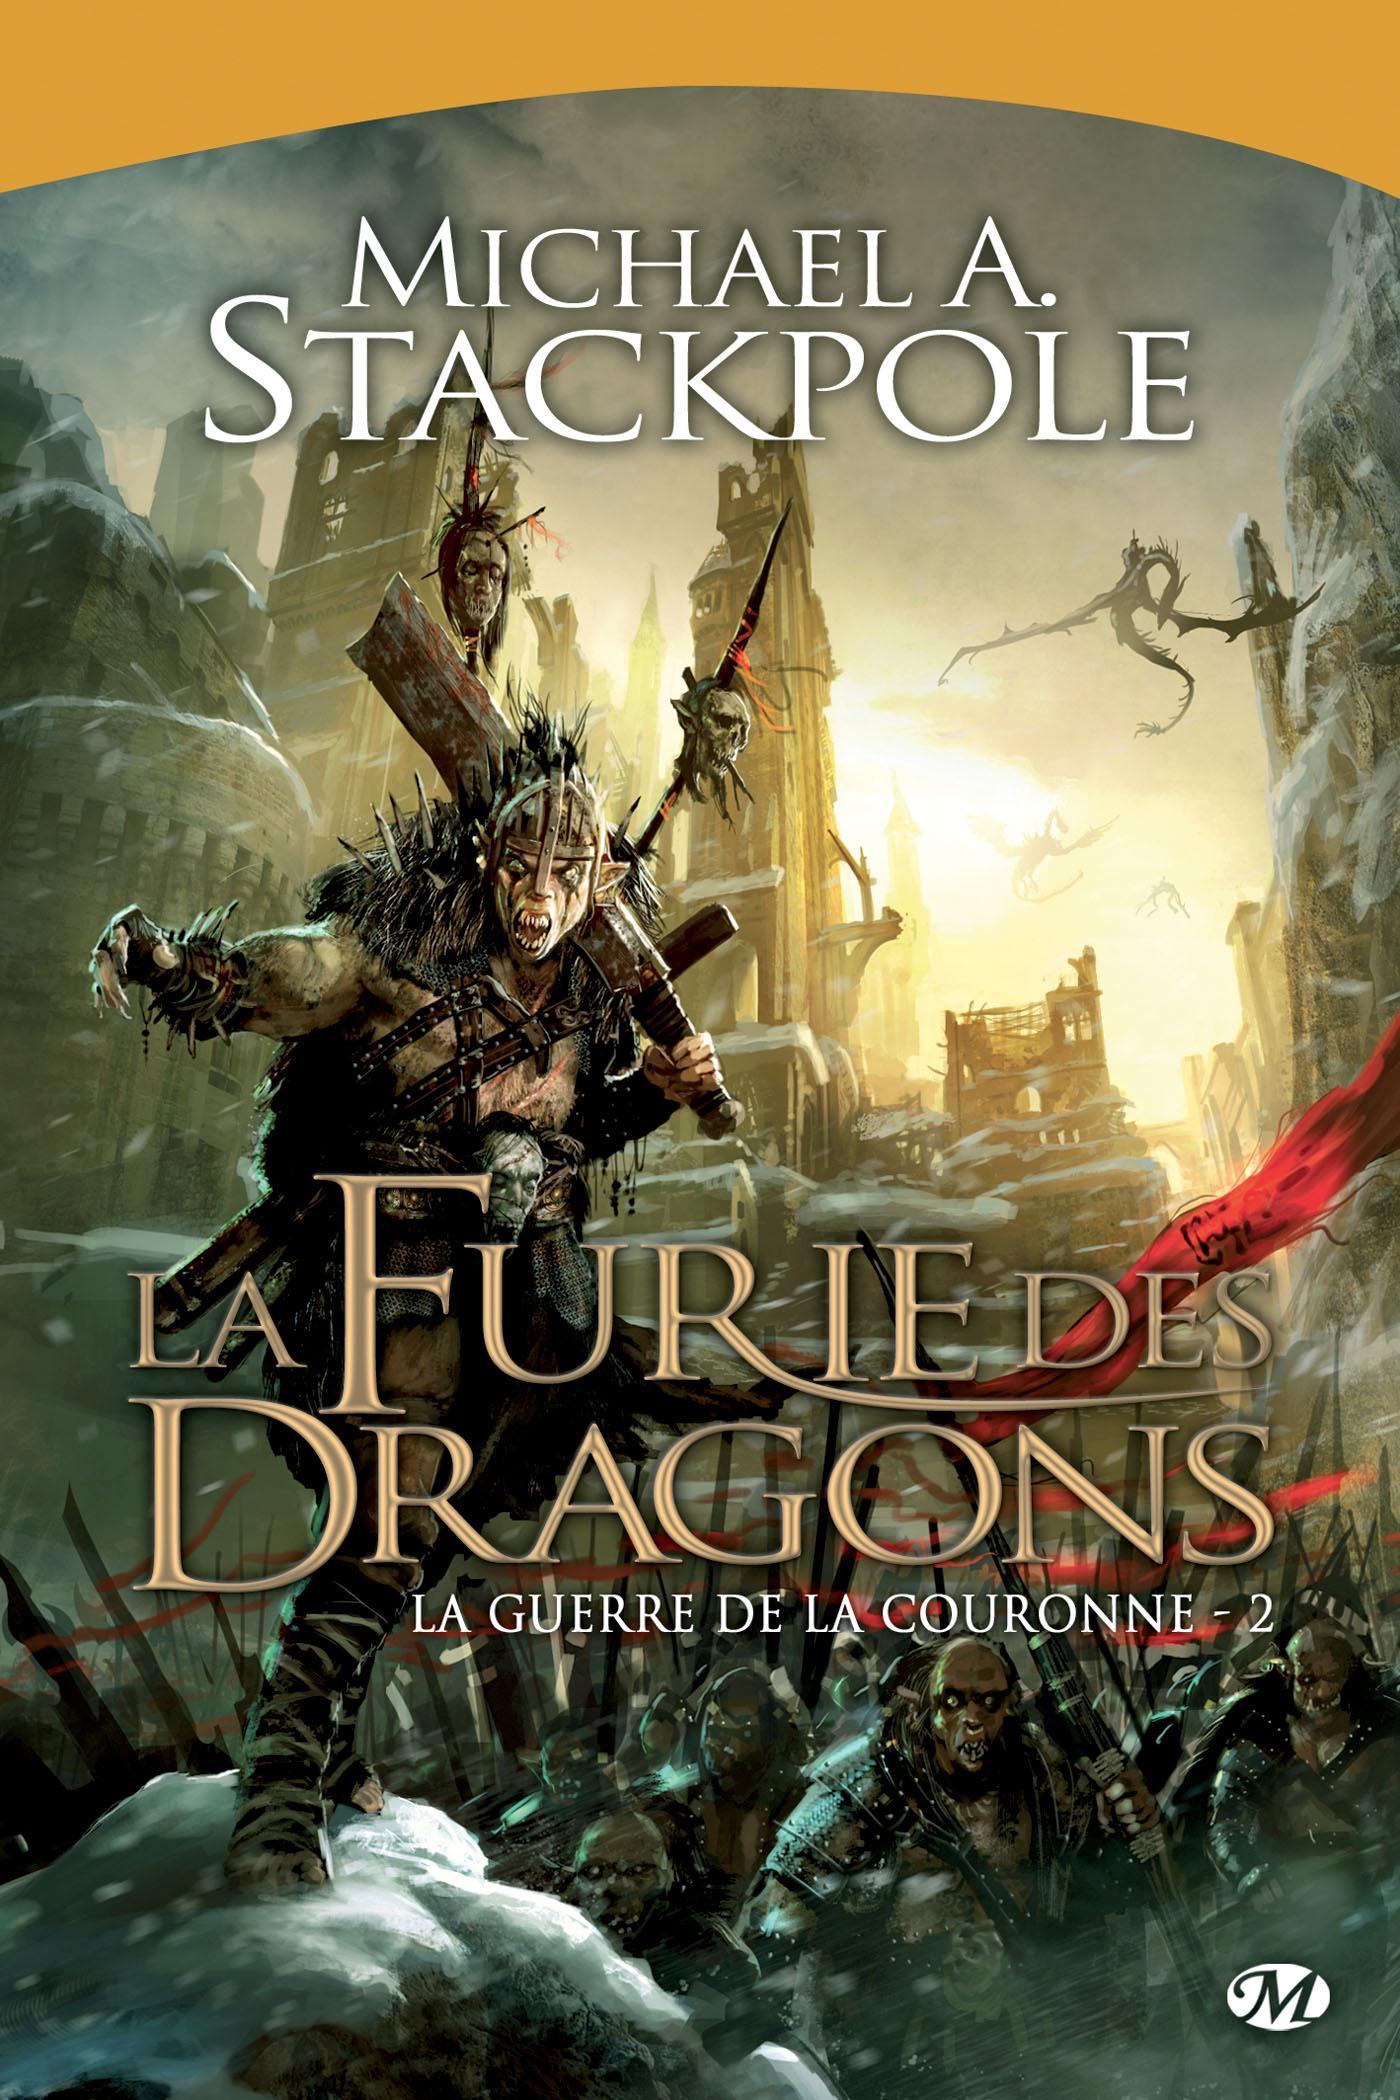 La Furie des dragons, LA GUERRE DE LA COURONNE, T2